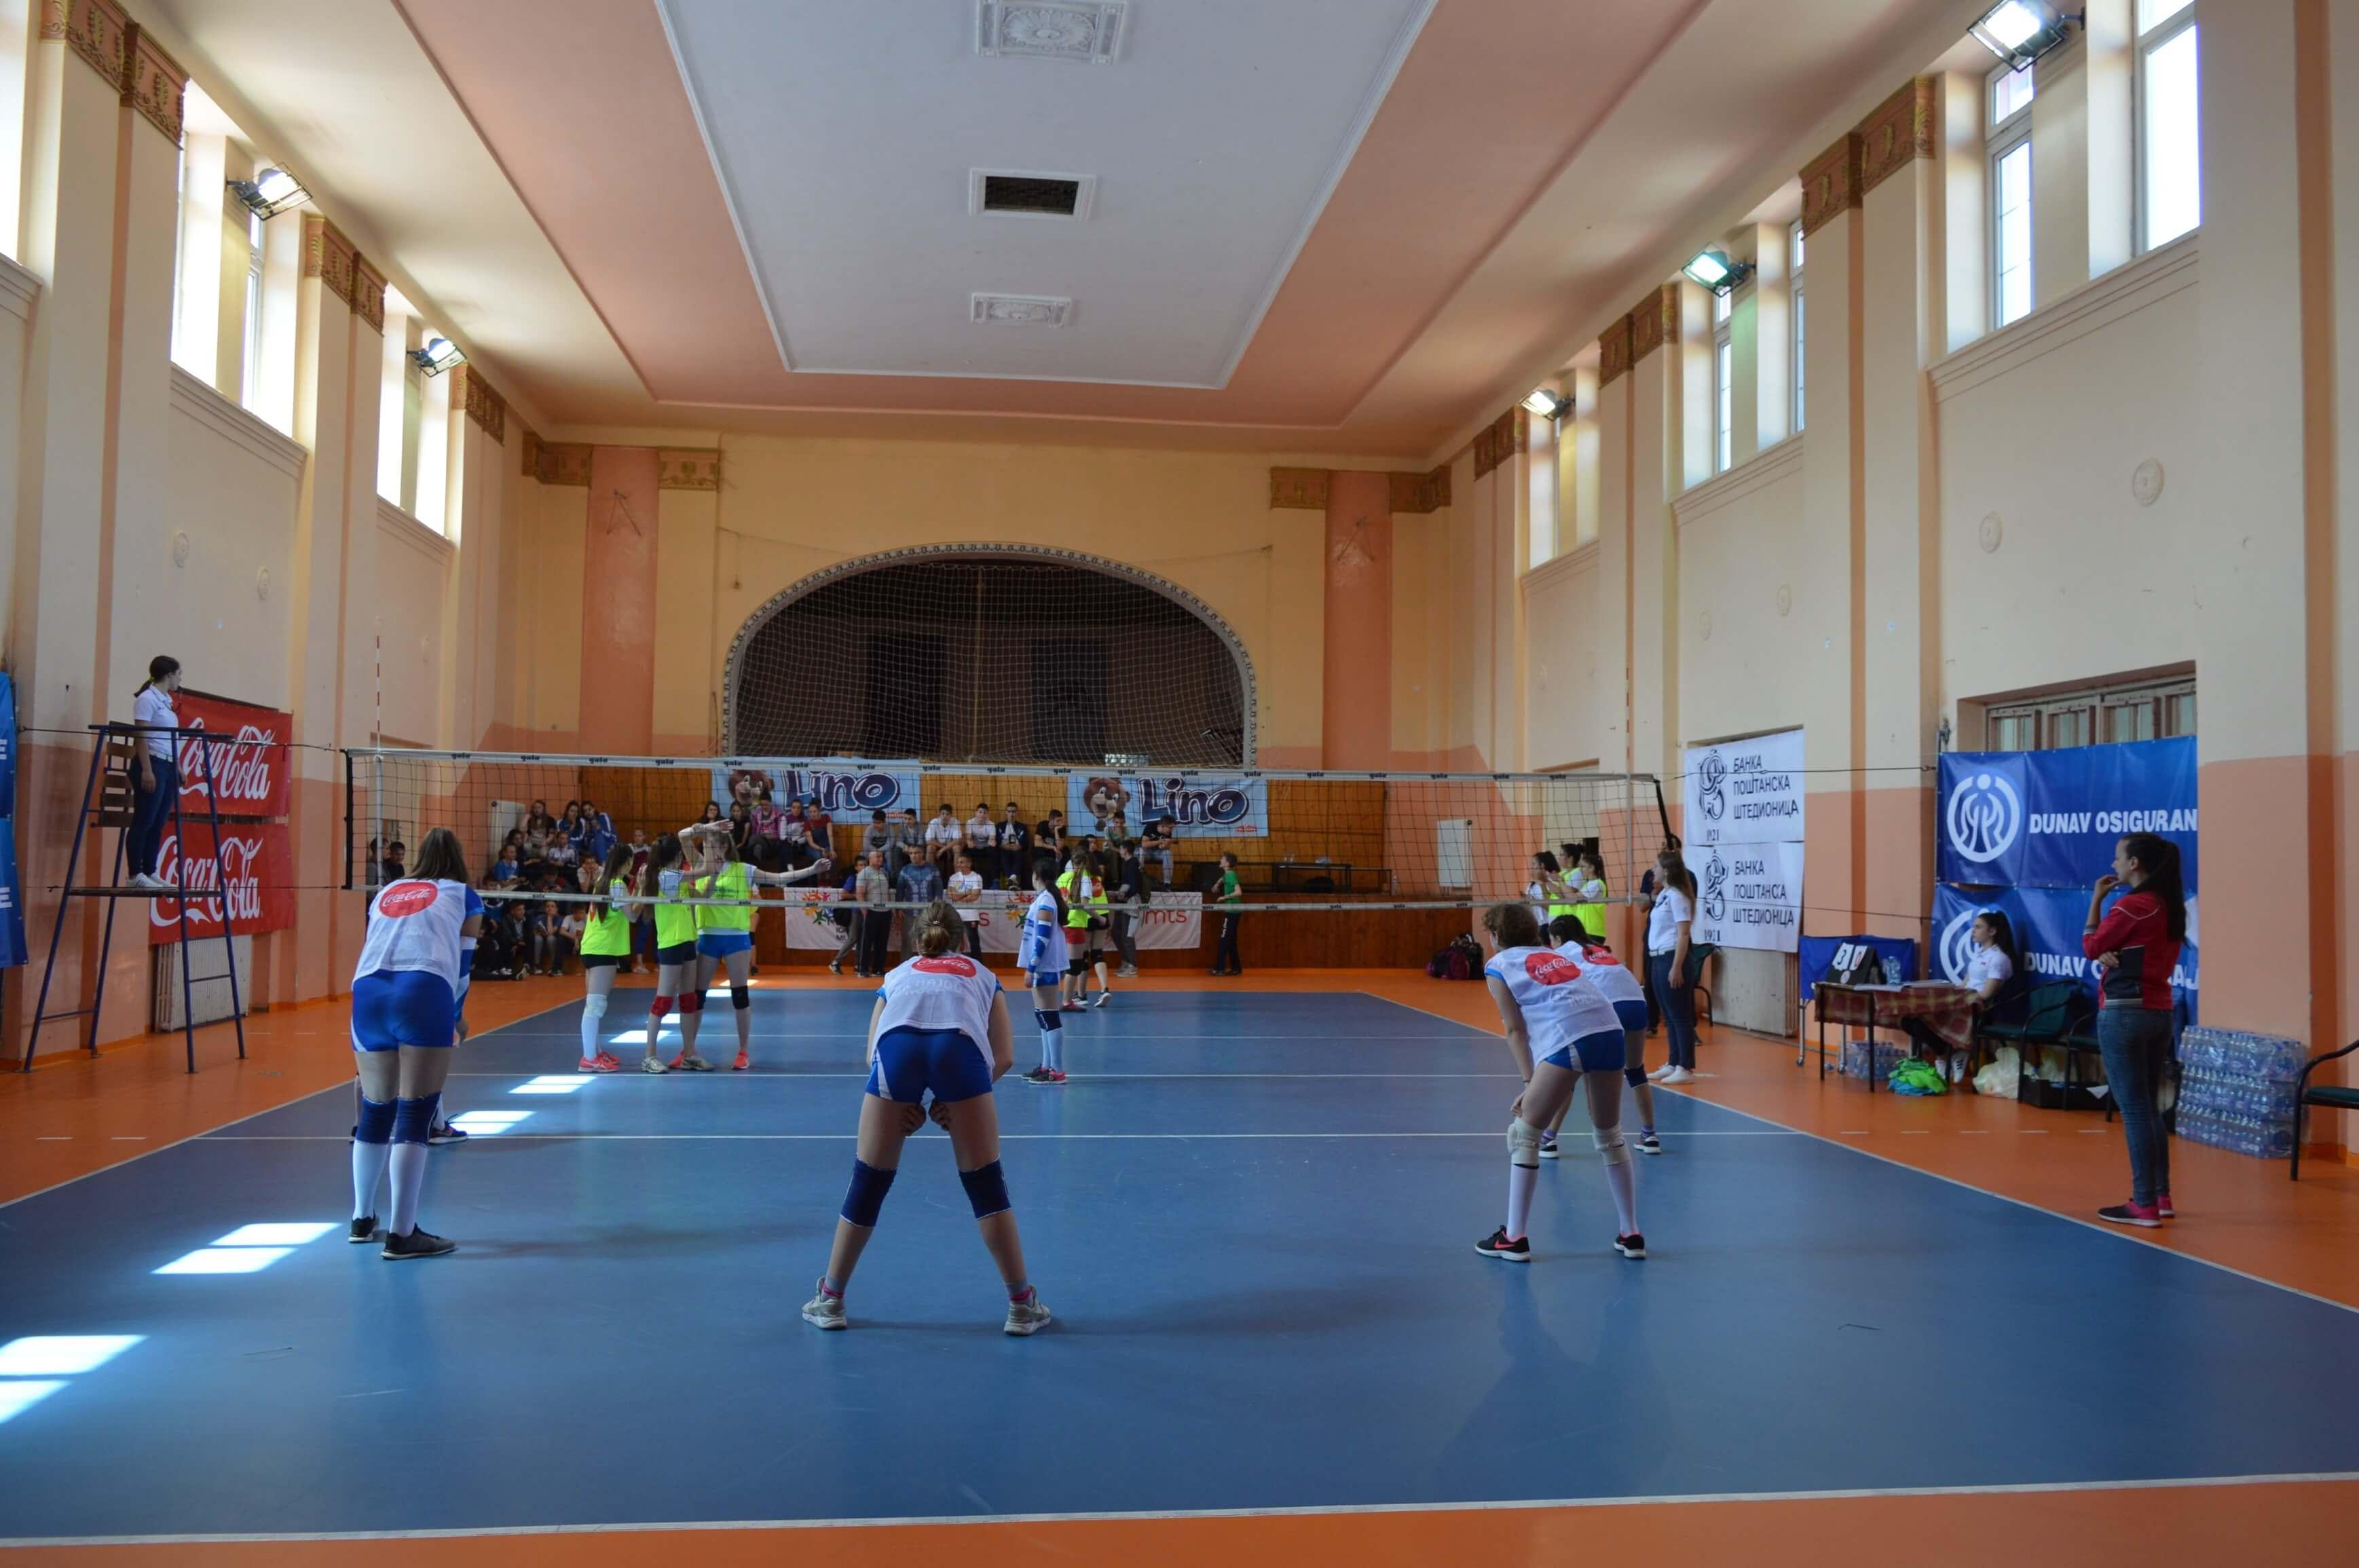 Такмичење је настављено на теренима Спортског центра Соко